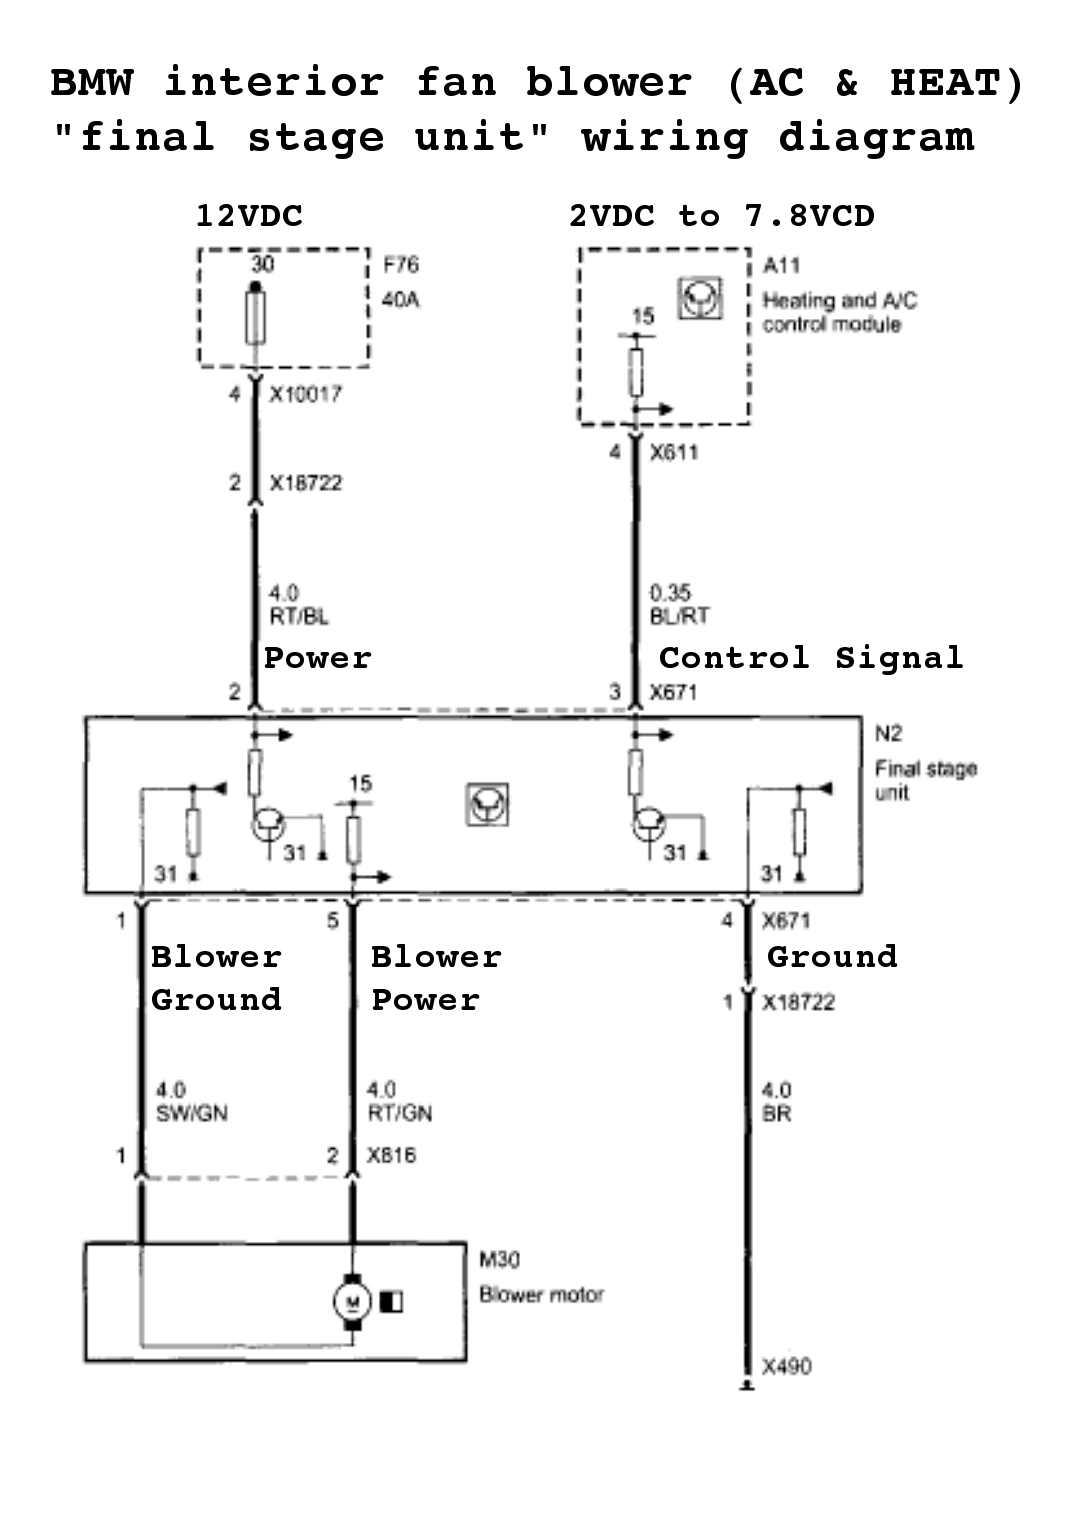 e34-blower-motor-wiring-diagram-6 Garbage Disposal Motor Wiring Diagram on garbage disposal service, garbage disposal wiring gauge, garbage disposal control panel, garbage disposal assembly, garbage disposal valve, garbage disposal repair, garbage disposal specifications, garbage disposal start switch, garbage disposal piping diagram, garbage disposal door, garbage disposal wiring code, garbage disposal plug, garbage disposal electrical, garbage disposal system, garbage disposal capacitor, garbage disposal maintenance, garbage disposal outlet, garbage disposal troubleshooting, sink garbage disposal install diagram, garbage disposal installation,